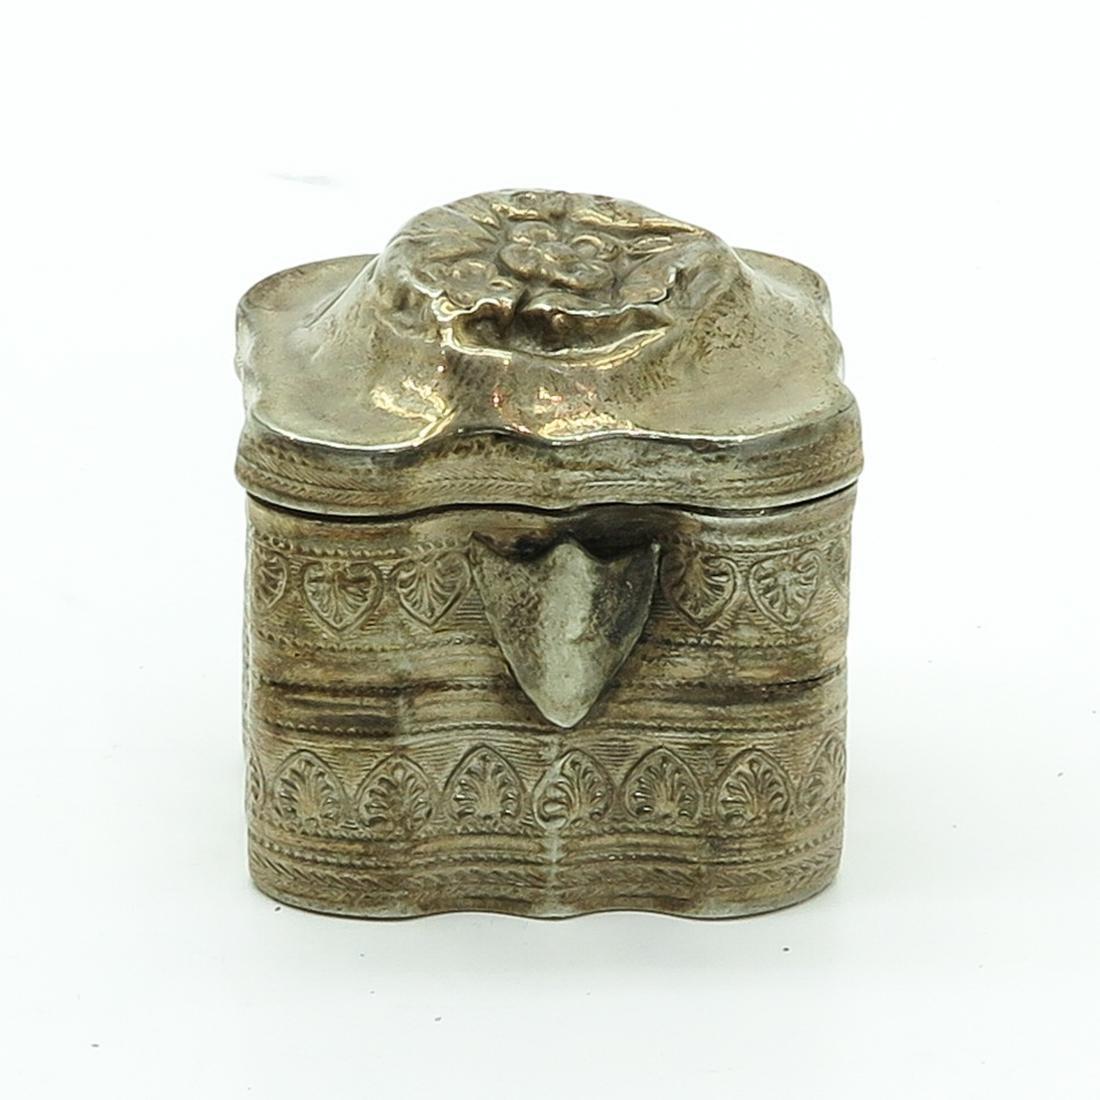 19th Century Dutch Silver Scent Box